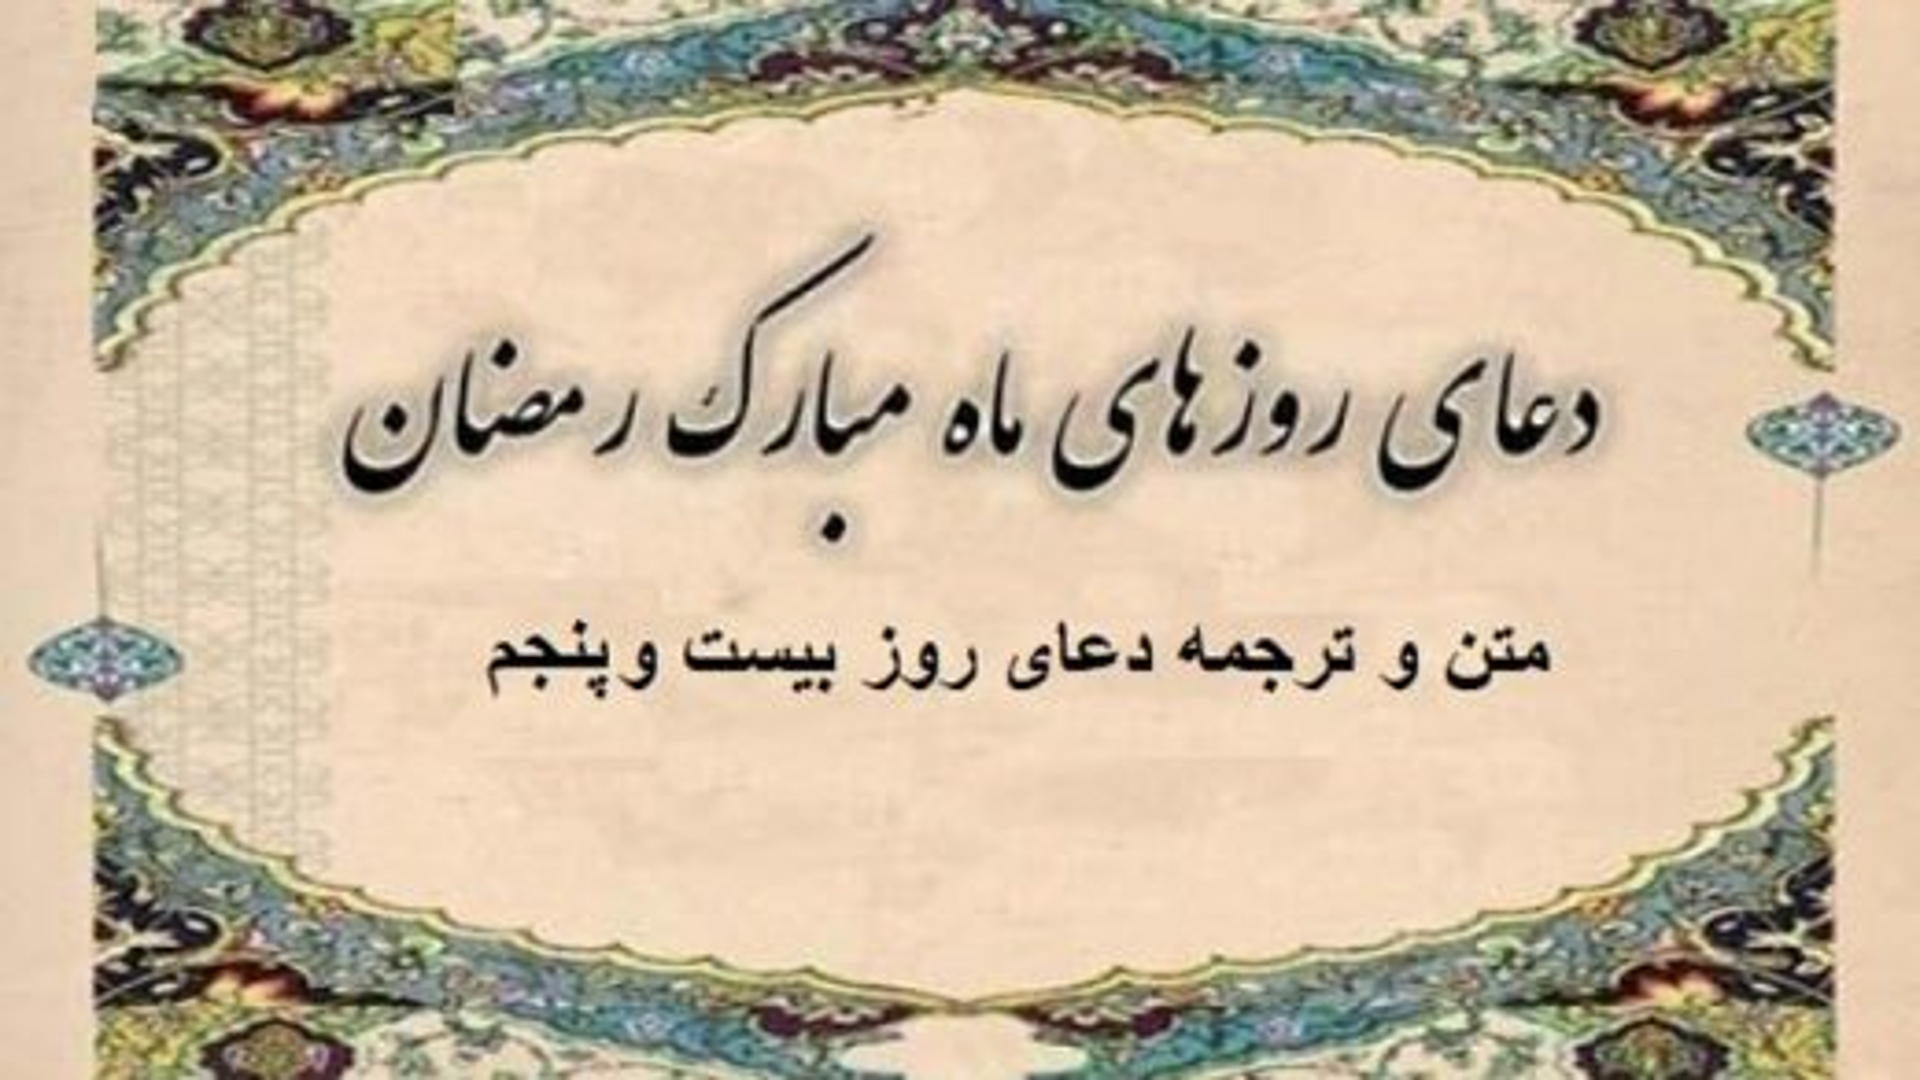 دعای روز بیستم و پنجم ماه رمضان | تگ